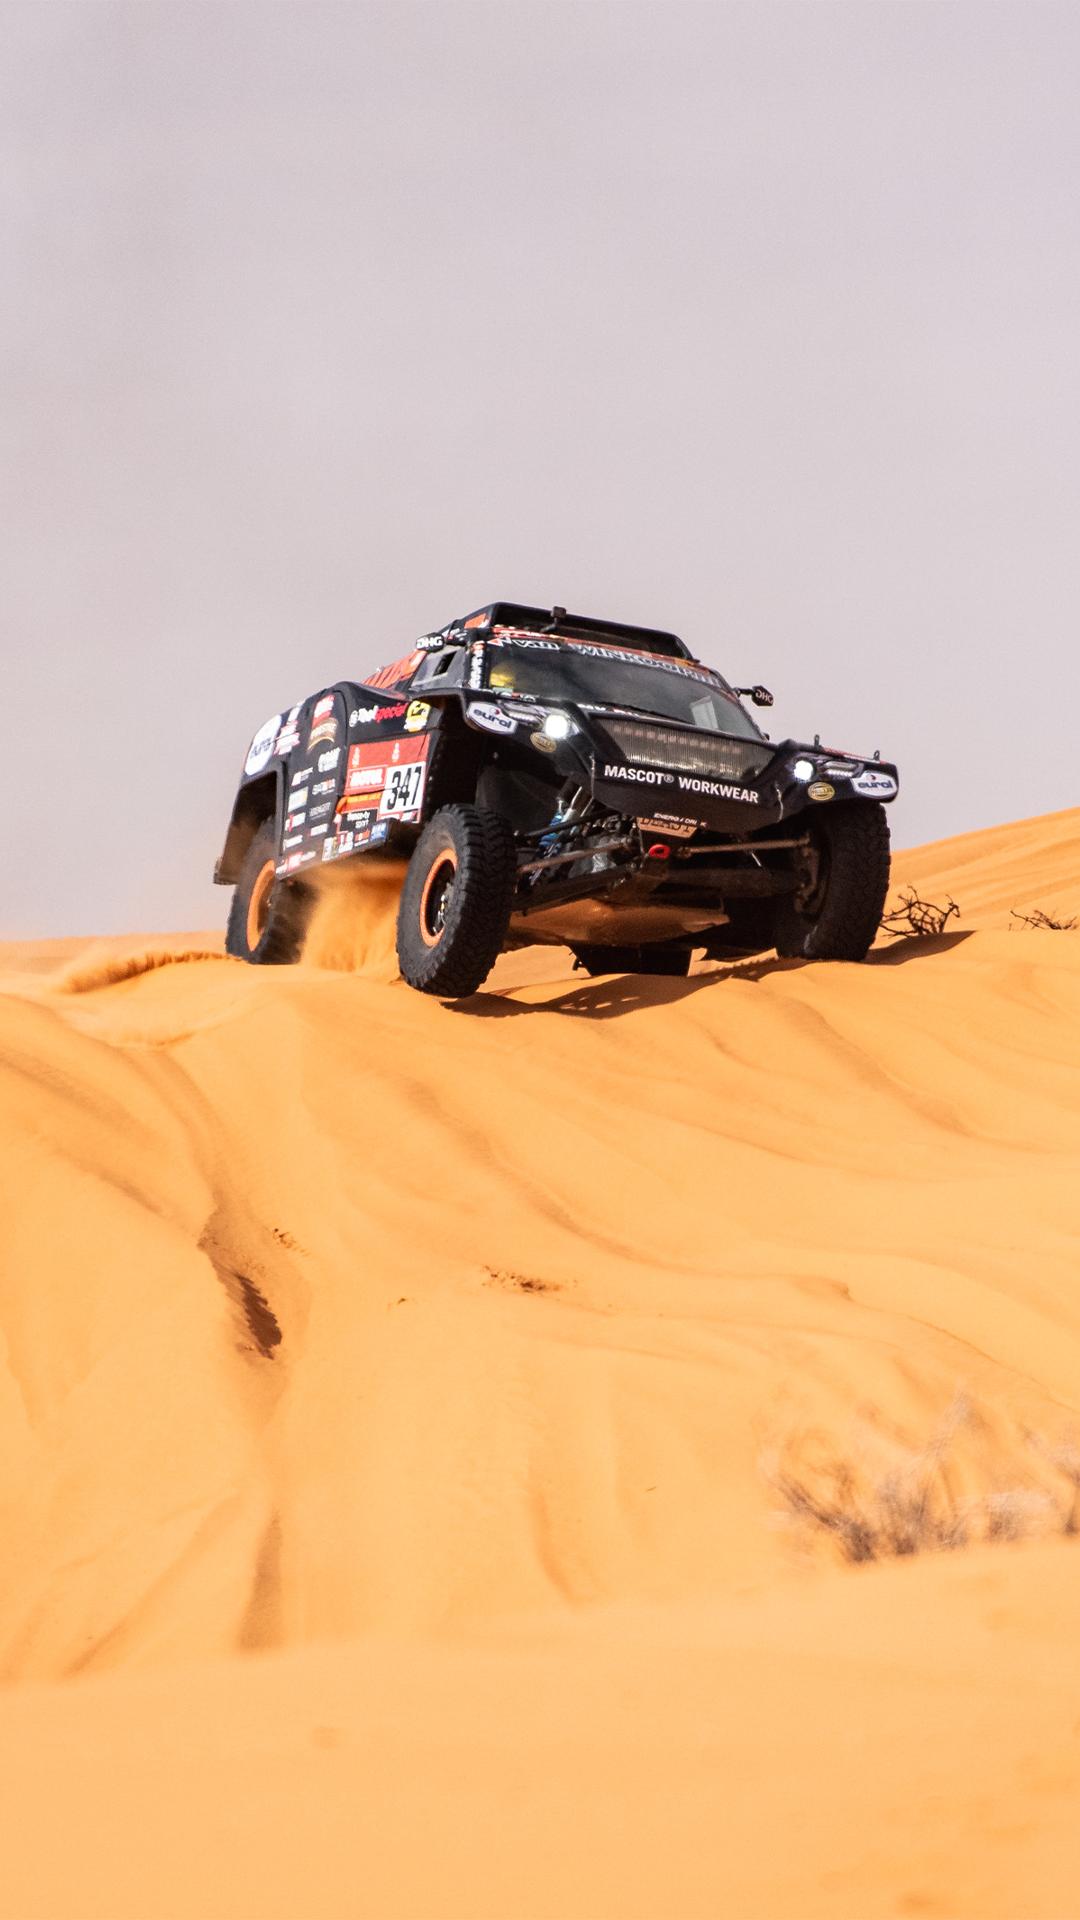 Dakar Rally Dakar Rally Rally Car